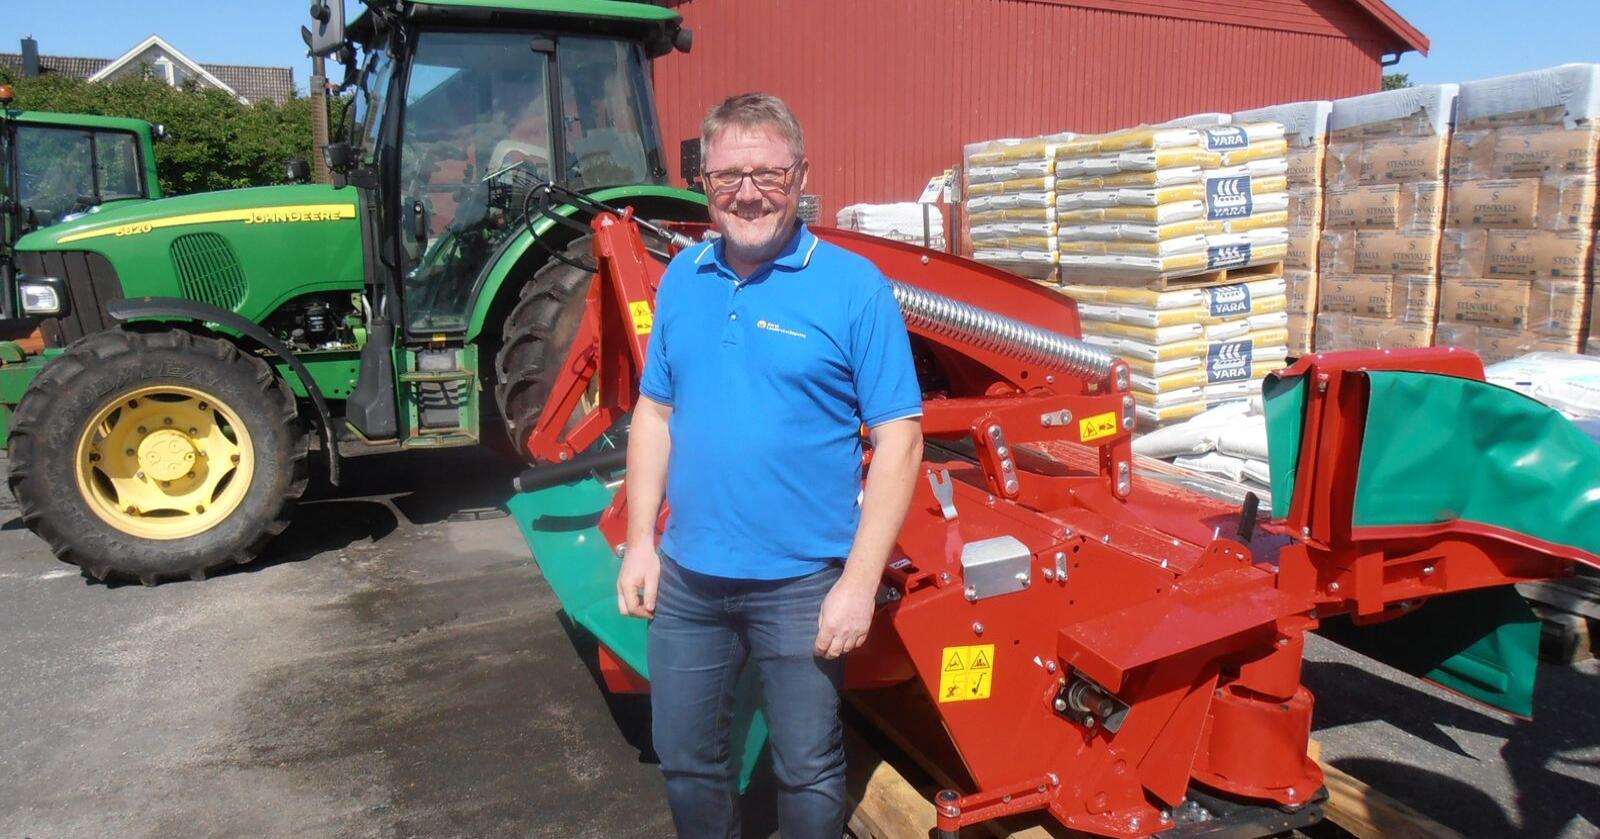 Positiv: Halle Arnes er fagkoordinator for HMS i Norsk Landbruksrådgiving. Arnes mener det er på tide med påbud om bruk av setebelte i traktor. (Foto: NLR)